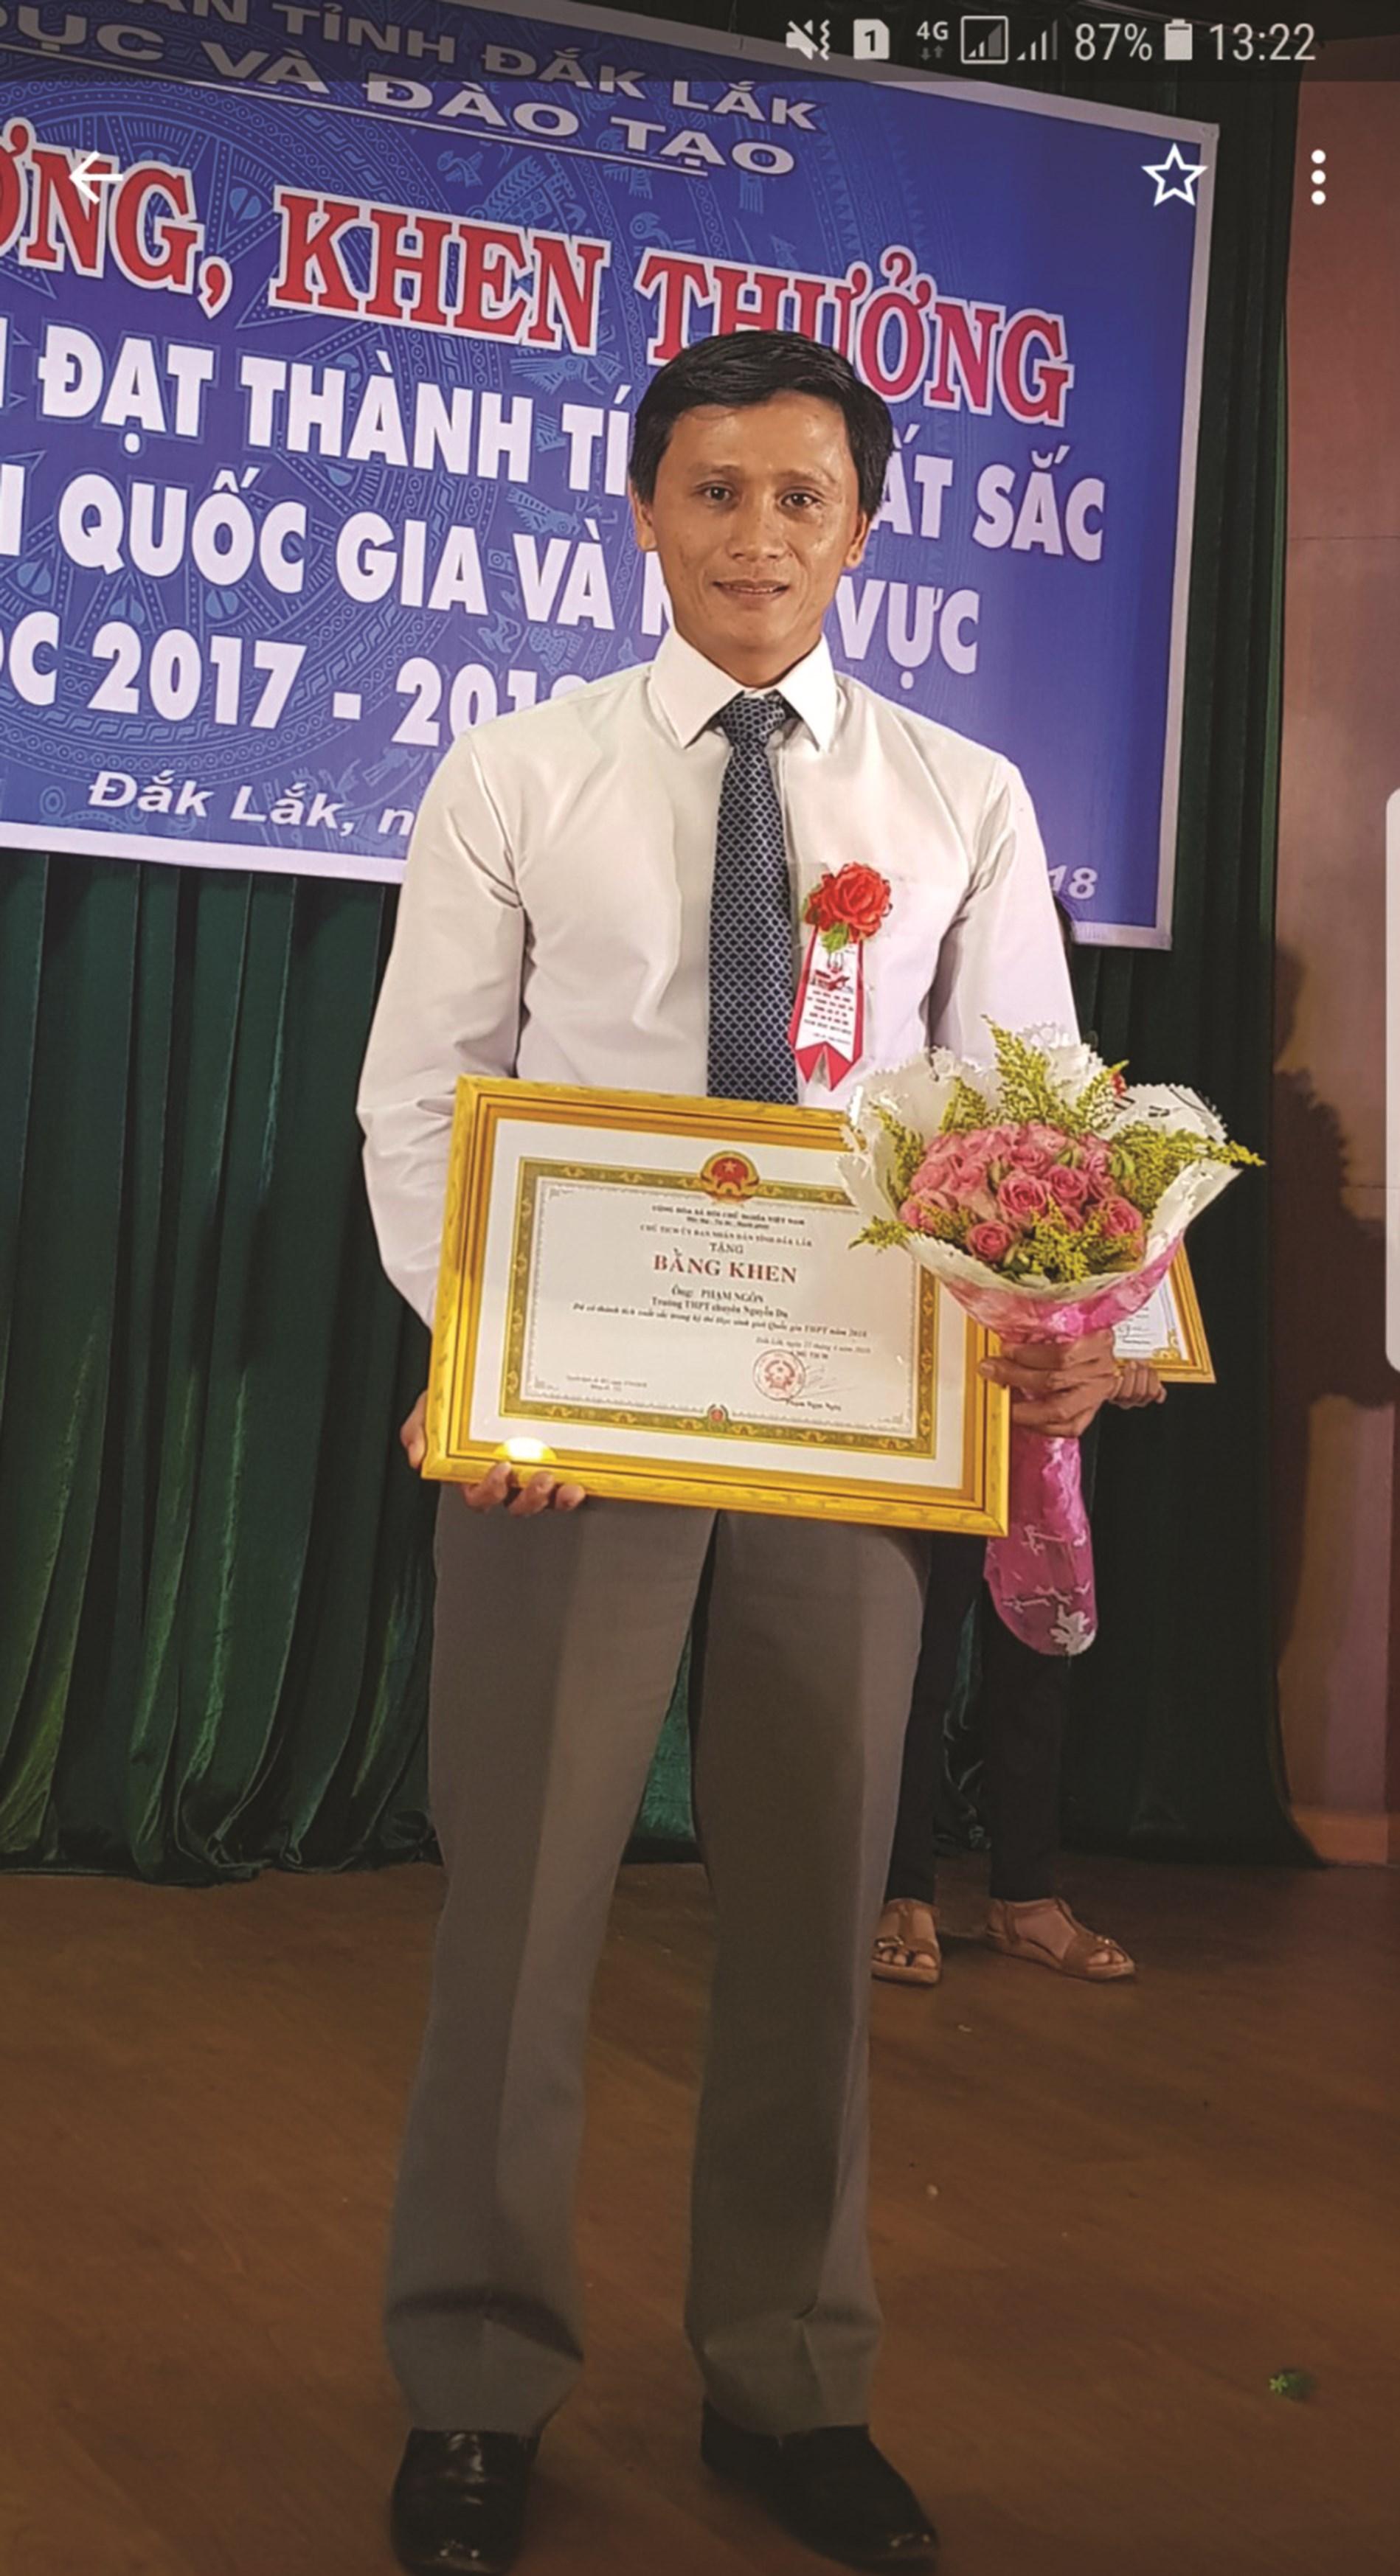 Thầy Phạm Ngôn, giáo viên Trường THPT chuyên Nguyễn Du, TP. Buôn Ma Thuột, Đăk Lăk.